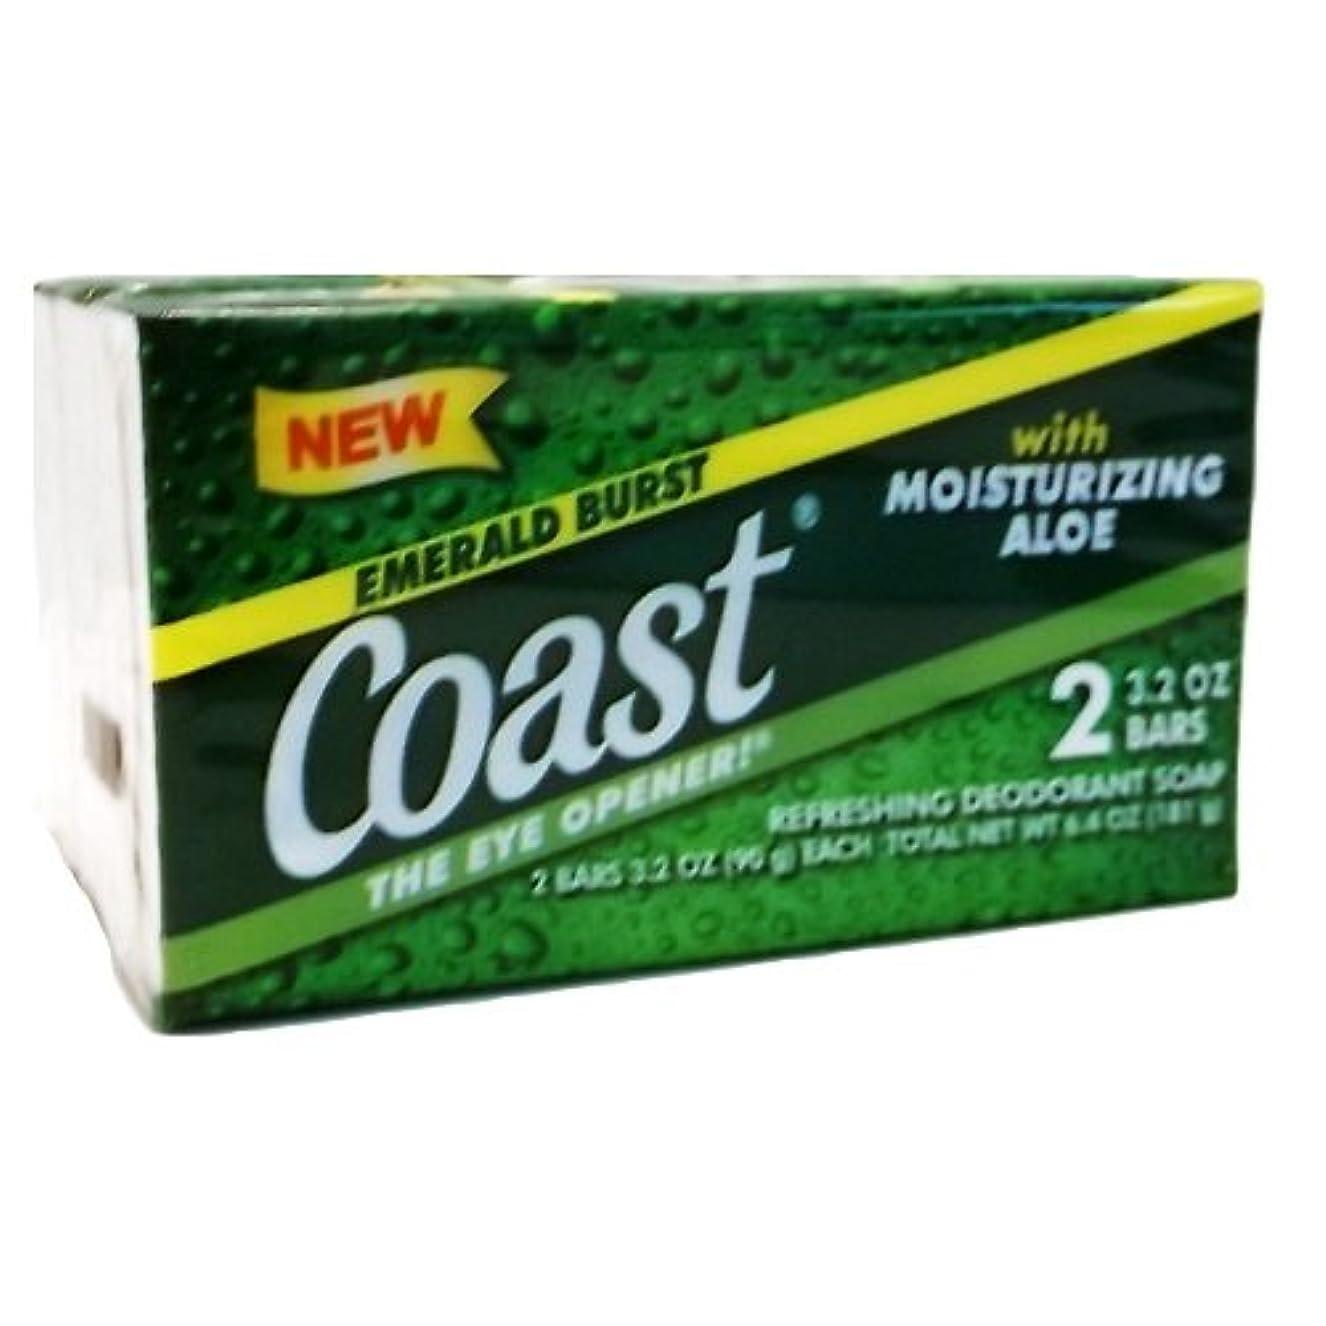 少し無限医師コースト(Coast) 石けんエメラルドバースト2個入り×24パック(48個)